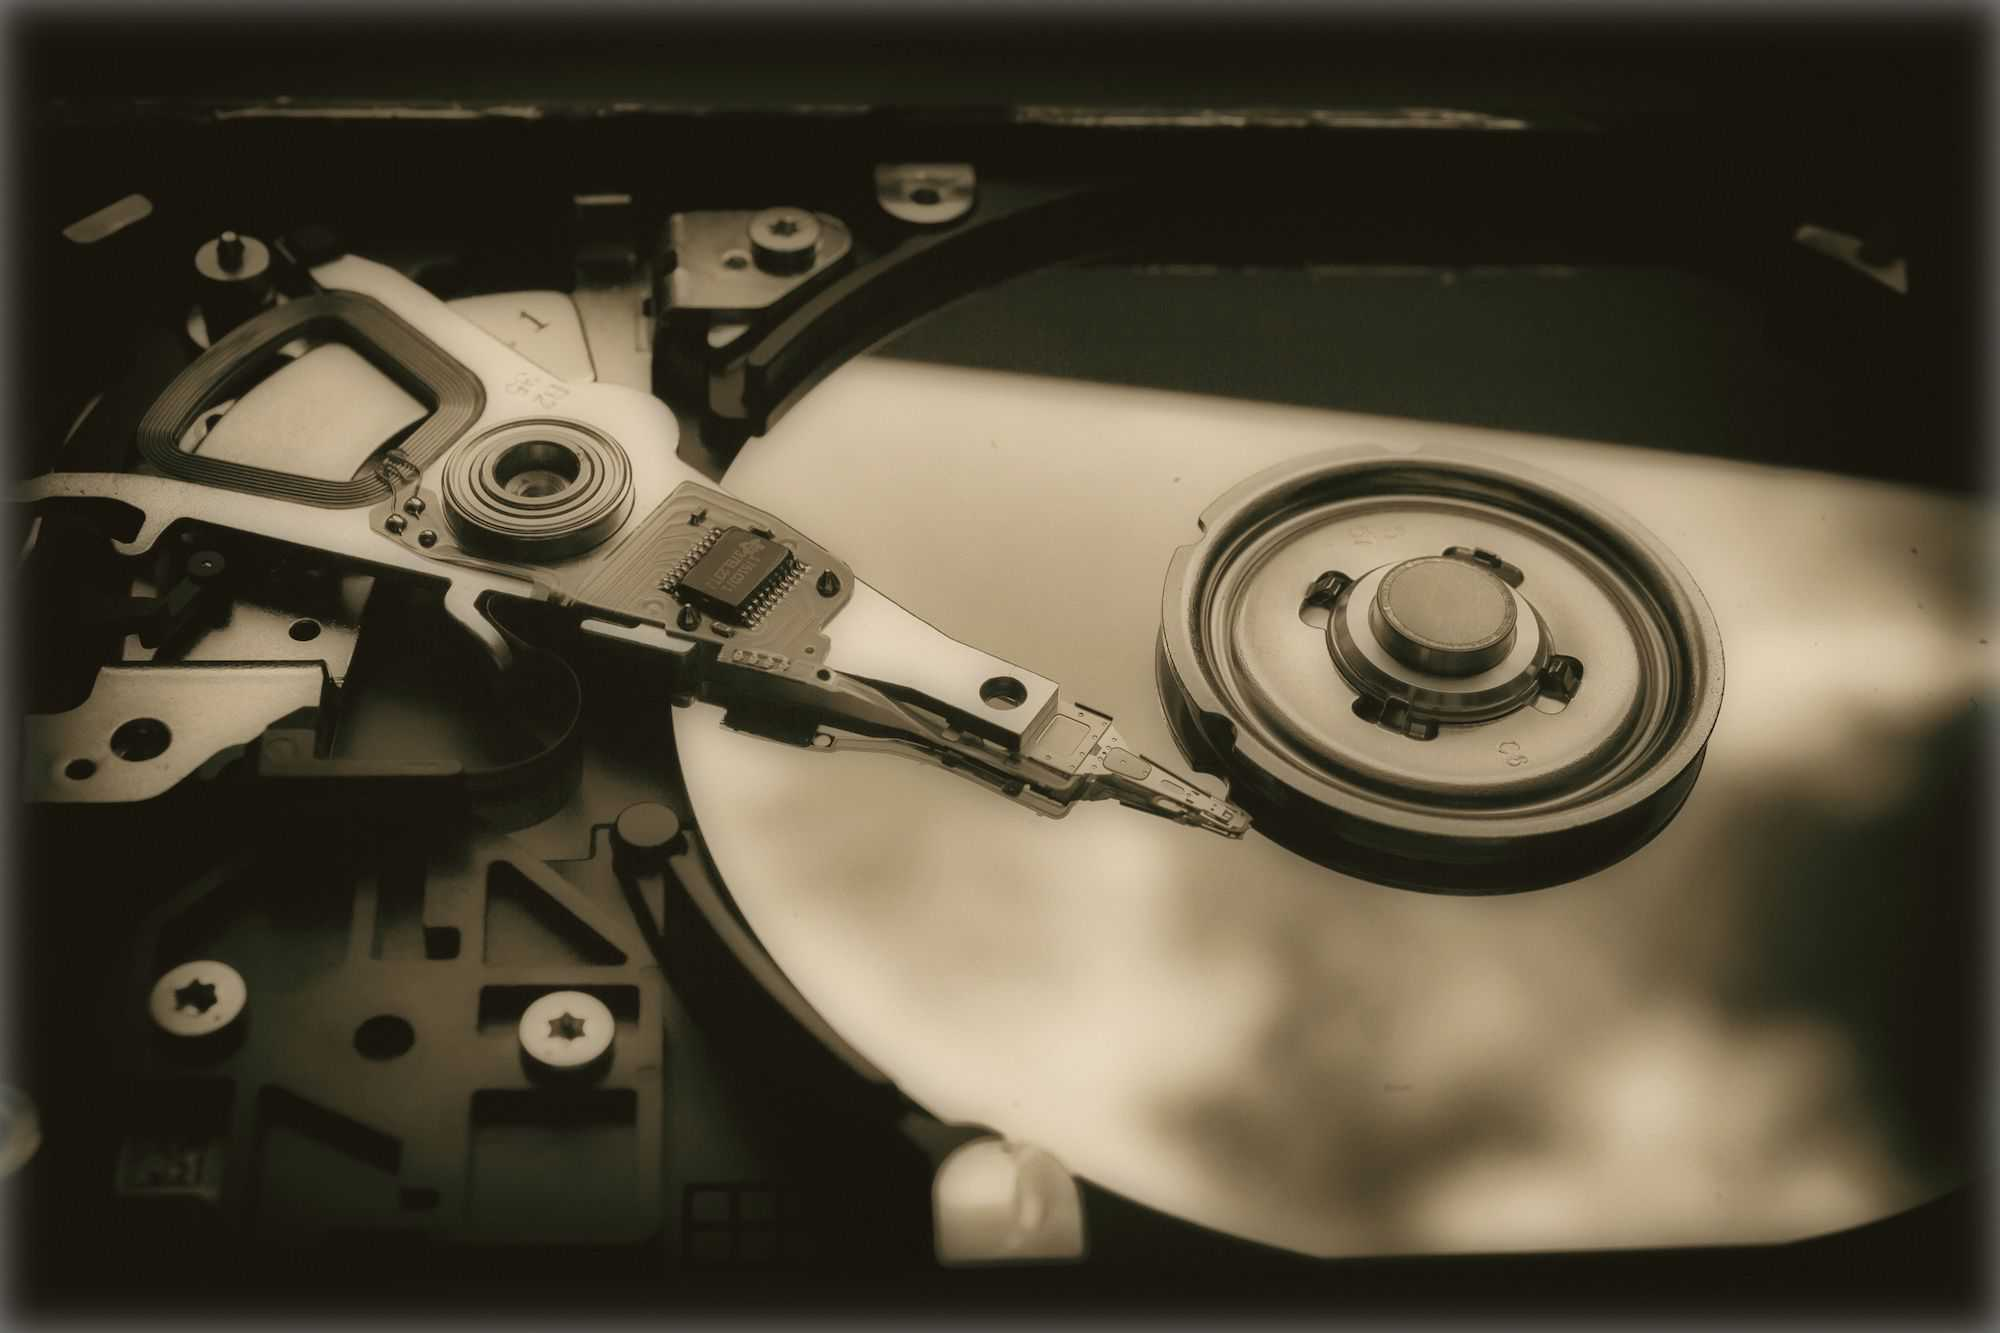 Mac-外付けHDDが取り外せない時の対処法